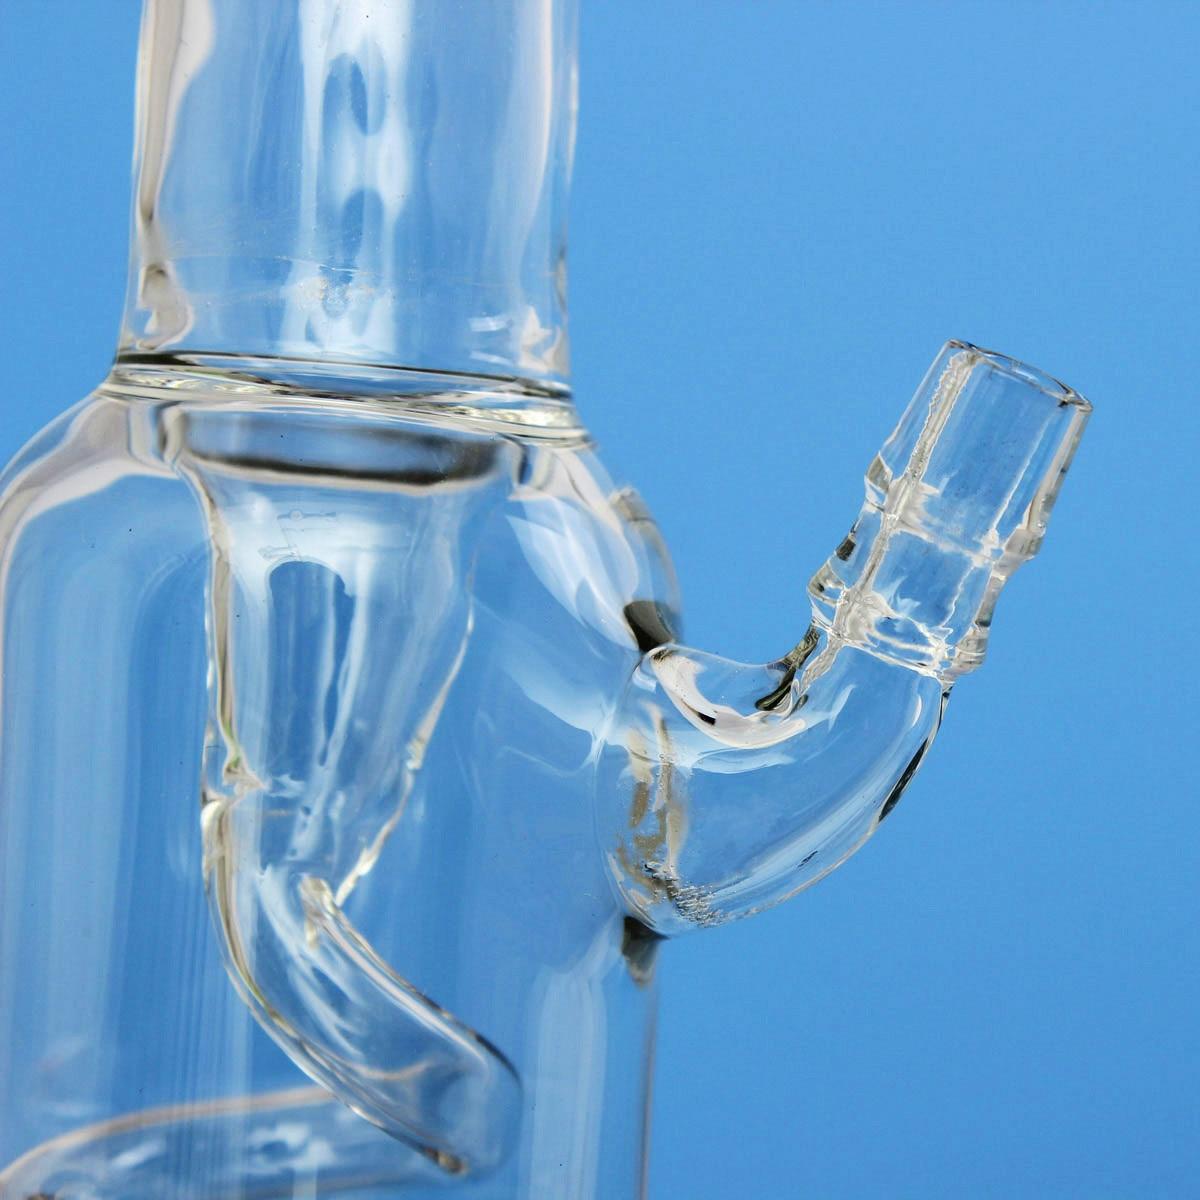 24/29 суставов конденсатор 230 мм конденсаторная катушка стеклянный конденсатор стеклянная посуда лабораторные принадлежности прозрачный